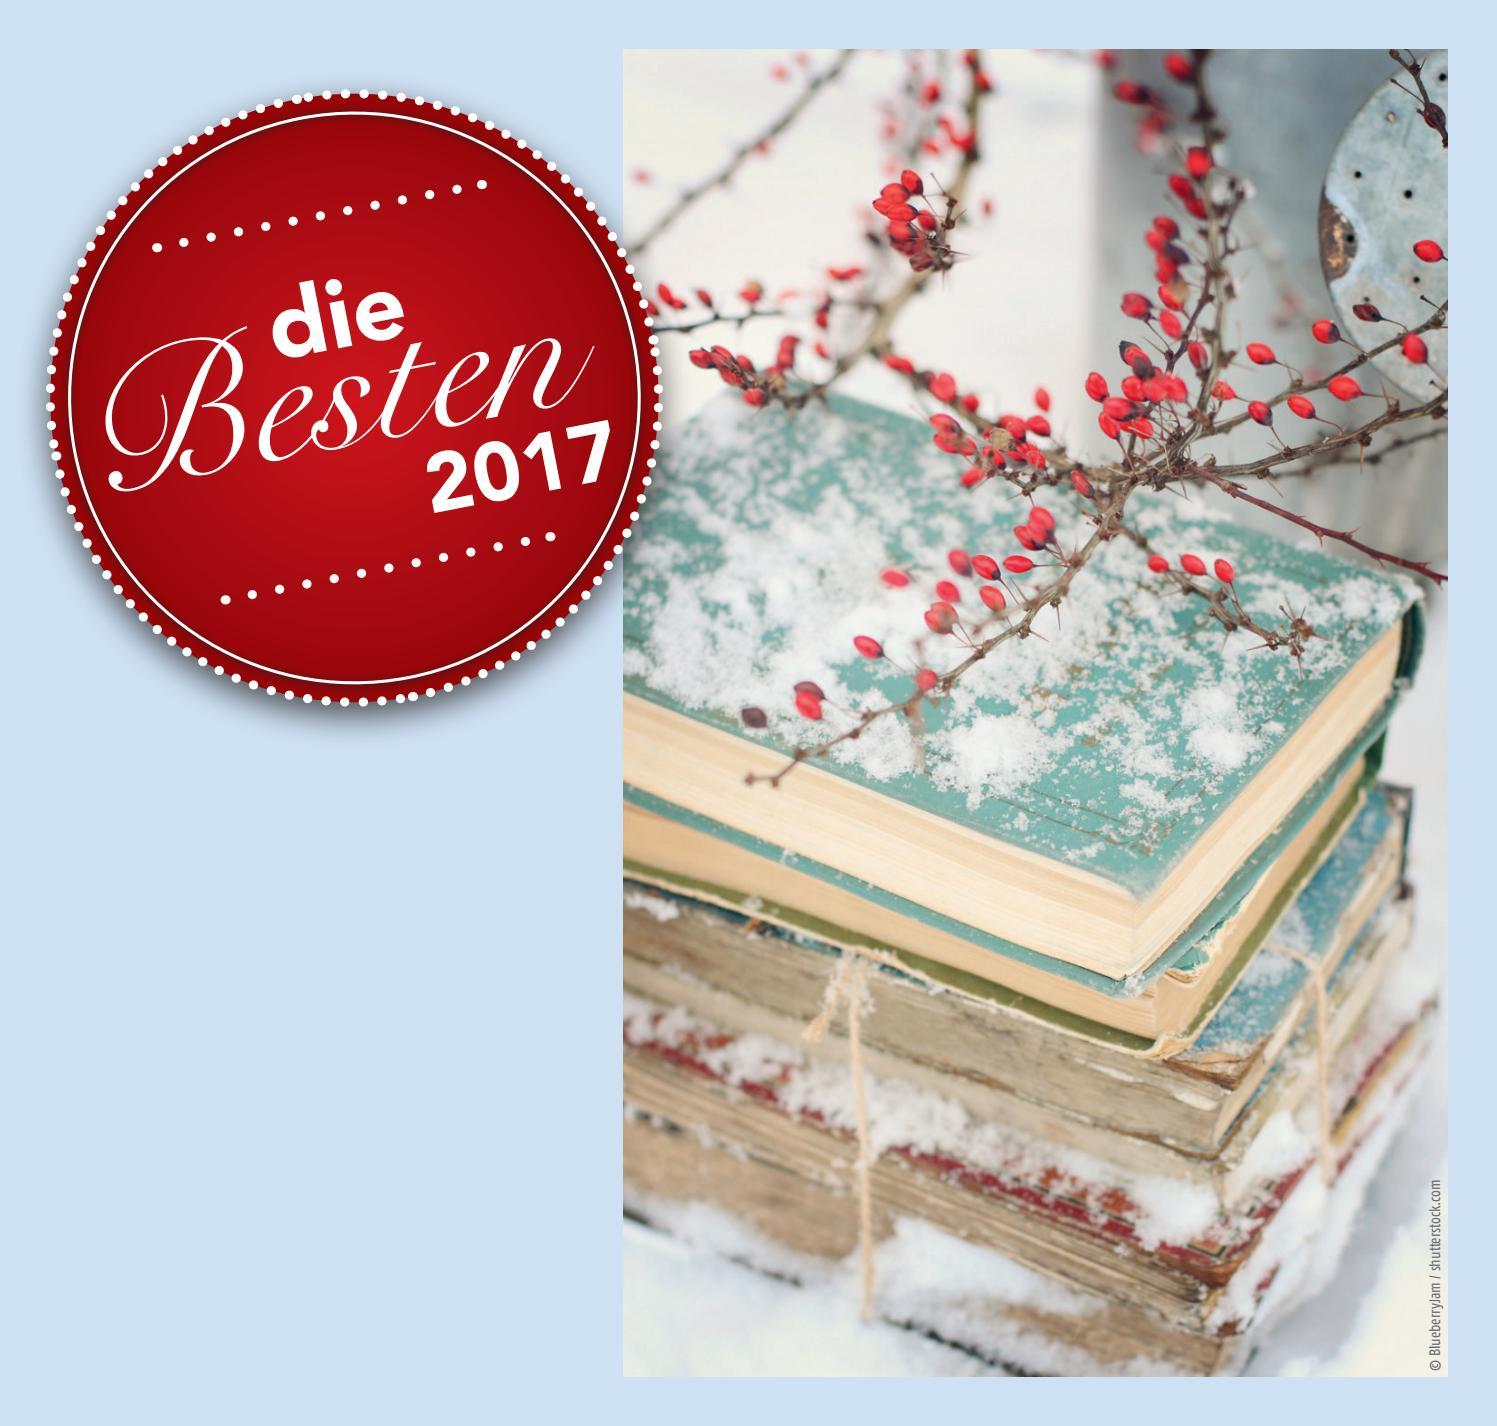 Die Besten 2017 by Buchwerbung der Neun - issuu